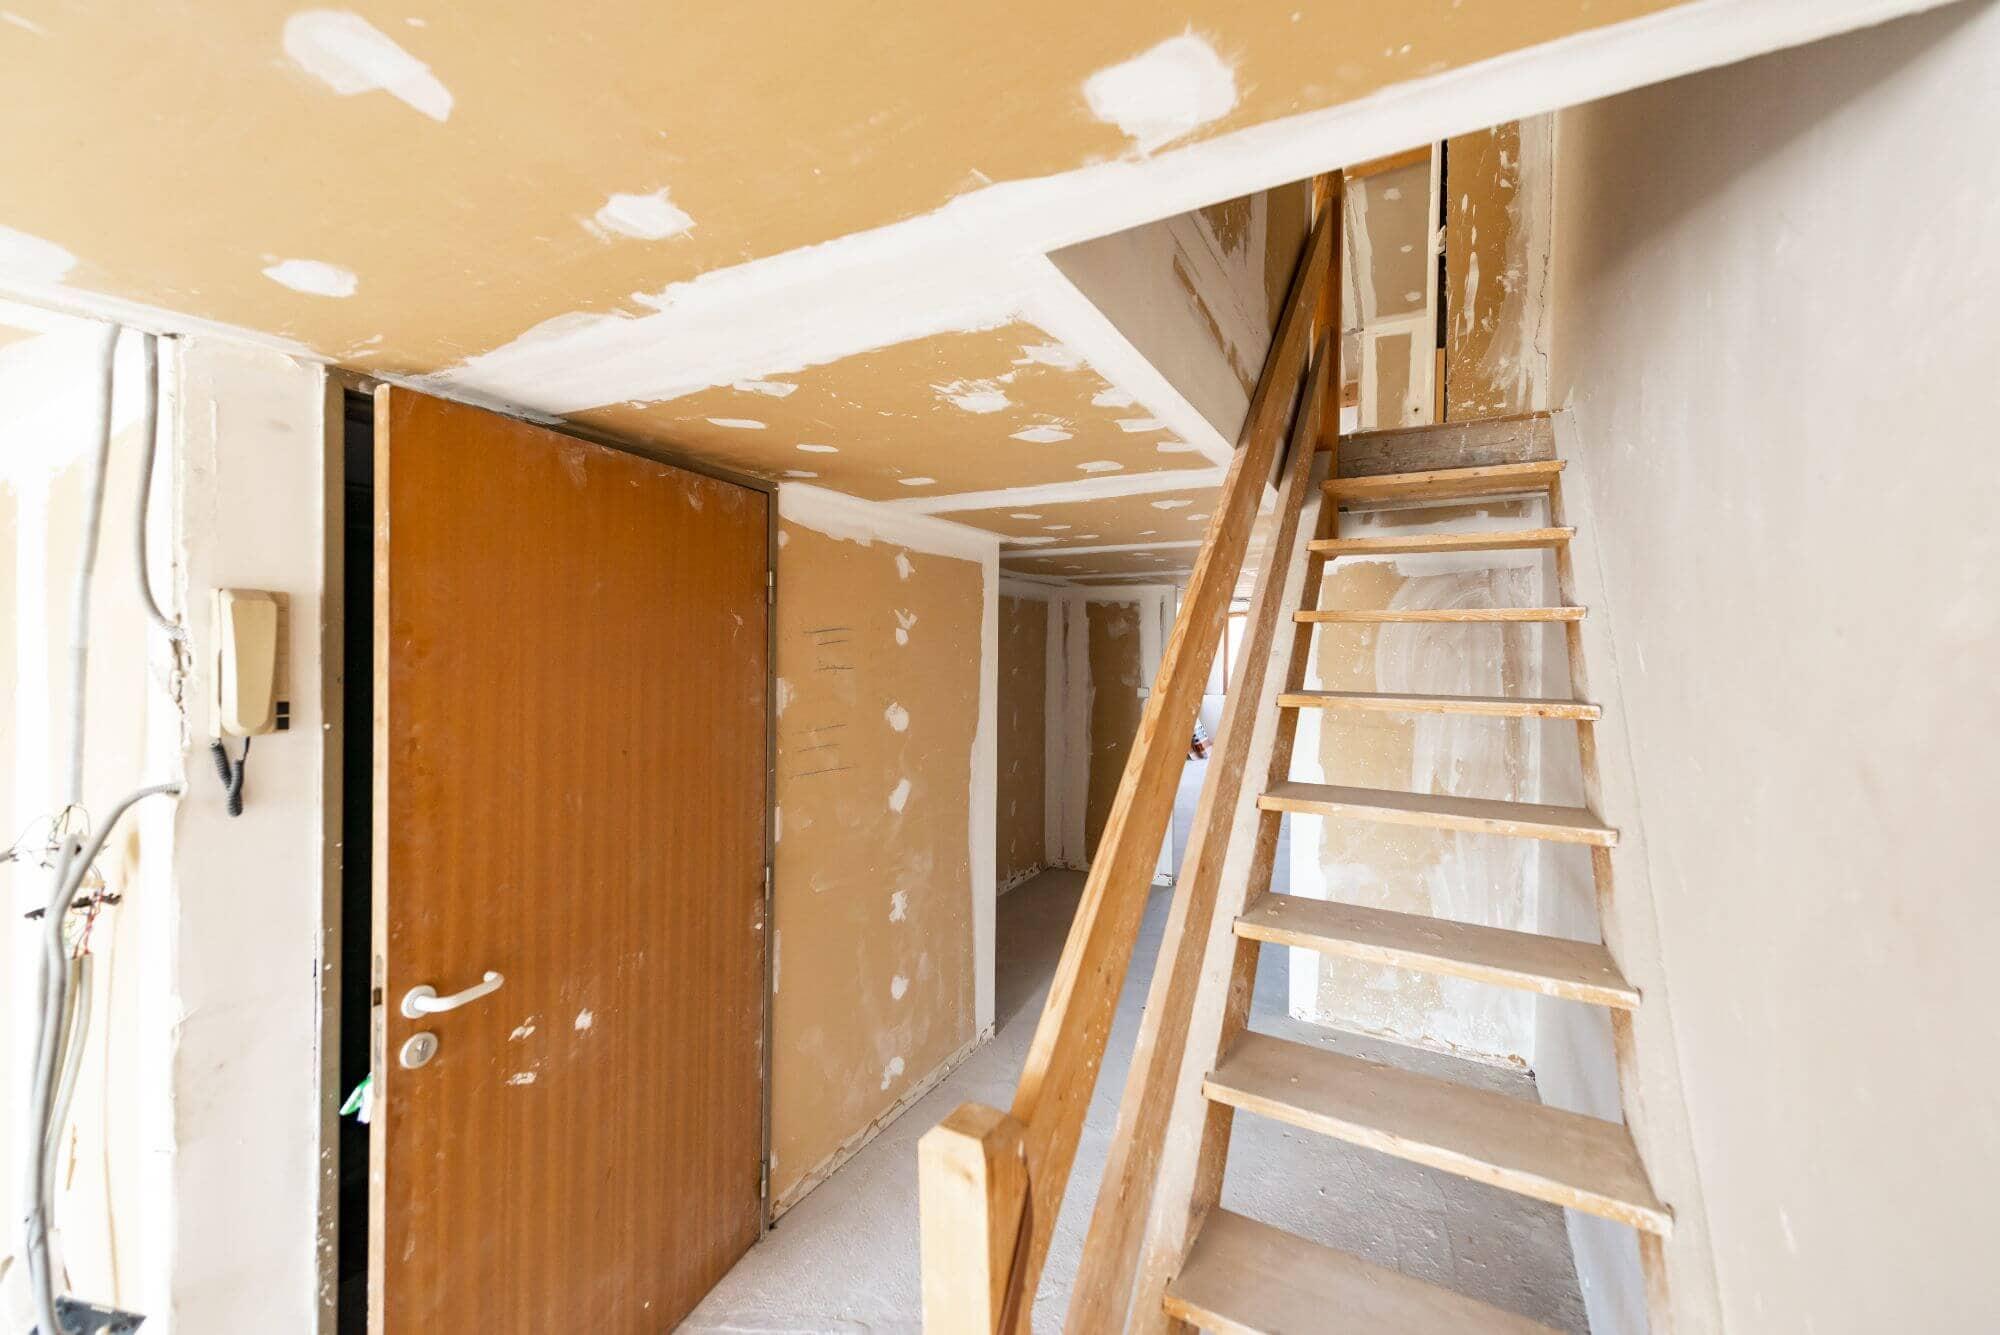 Escalier, Avant travaux